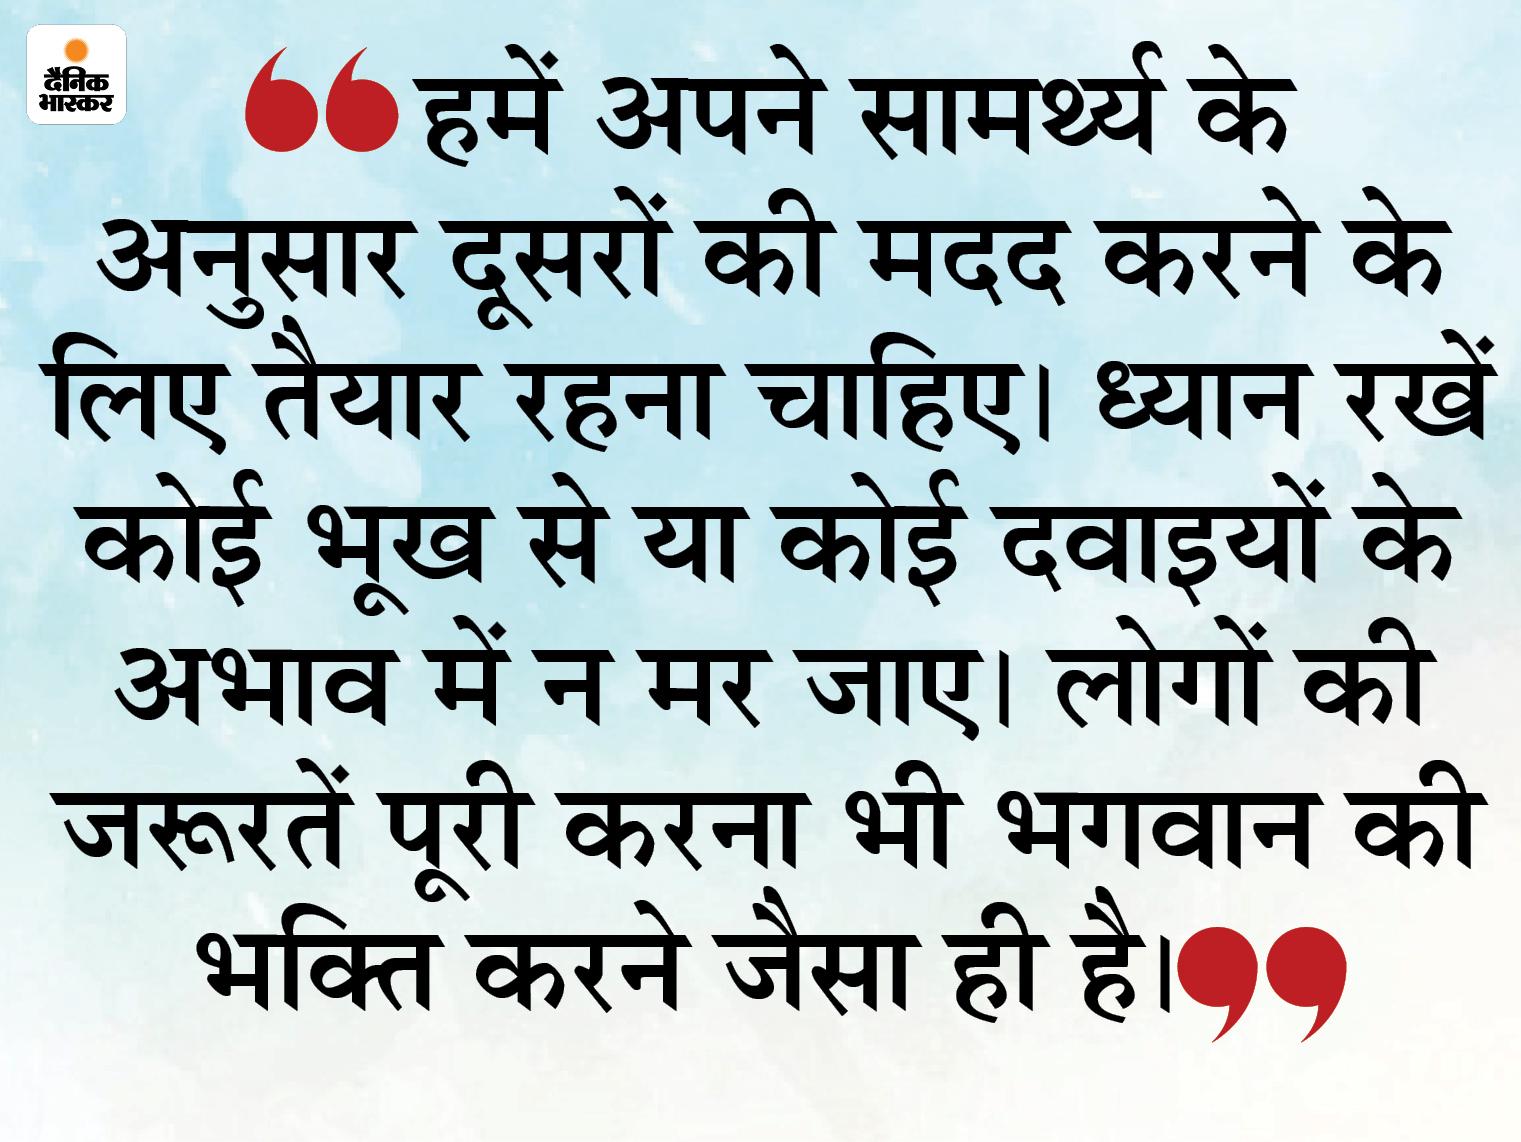 अपने आसपास के जरूरतमंद लोगों की तन, मन और धन से सेवा करने वालों की तो भगवान भी मदद करते हैं|धर्म,Dharm - Dainik Bhaskar